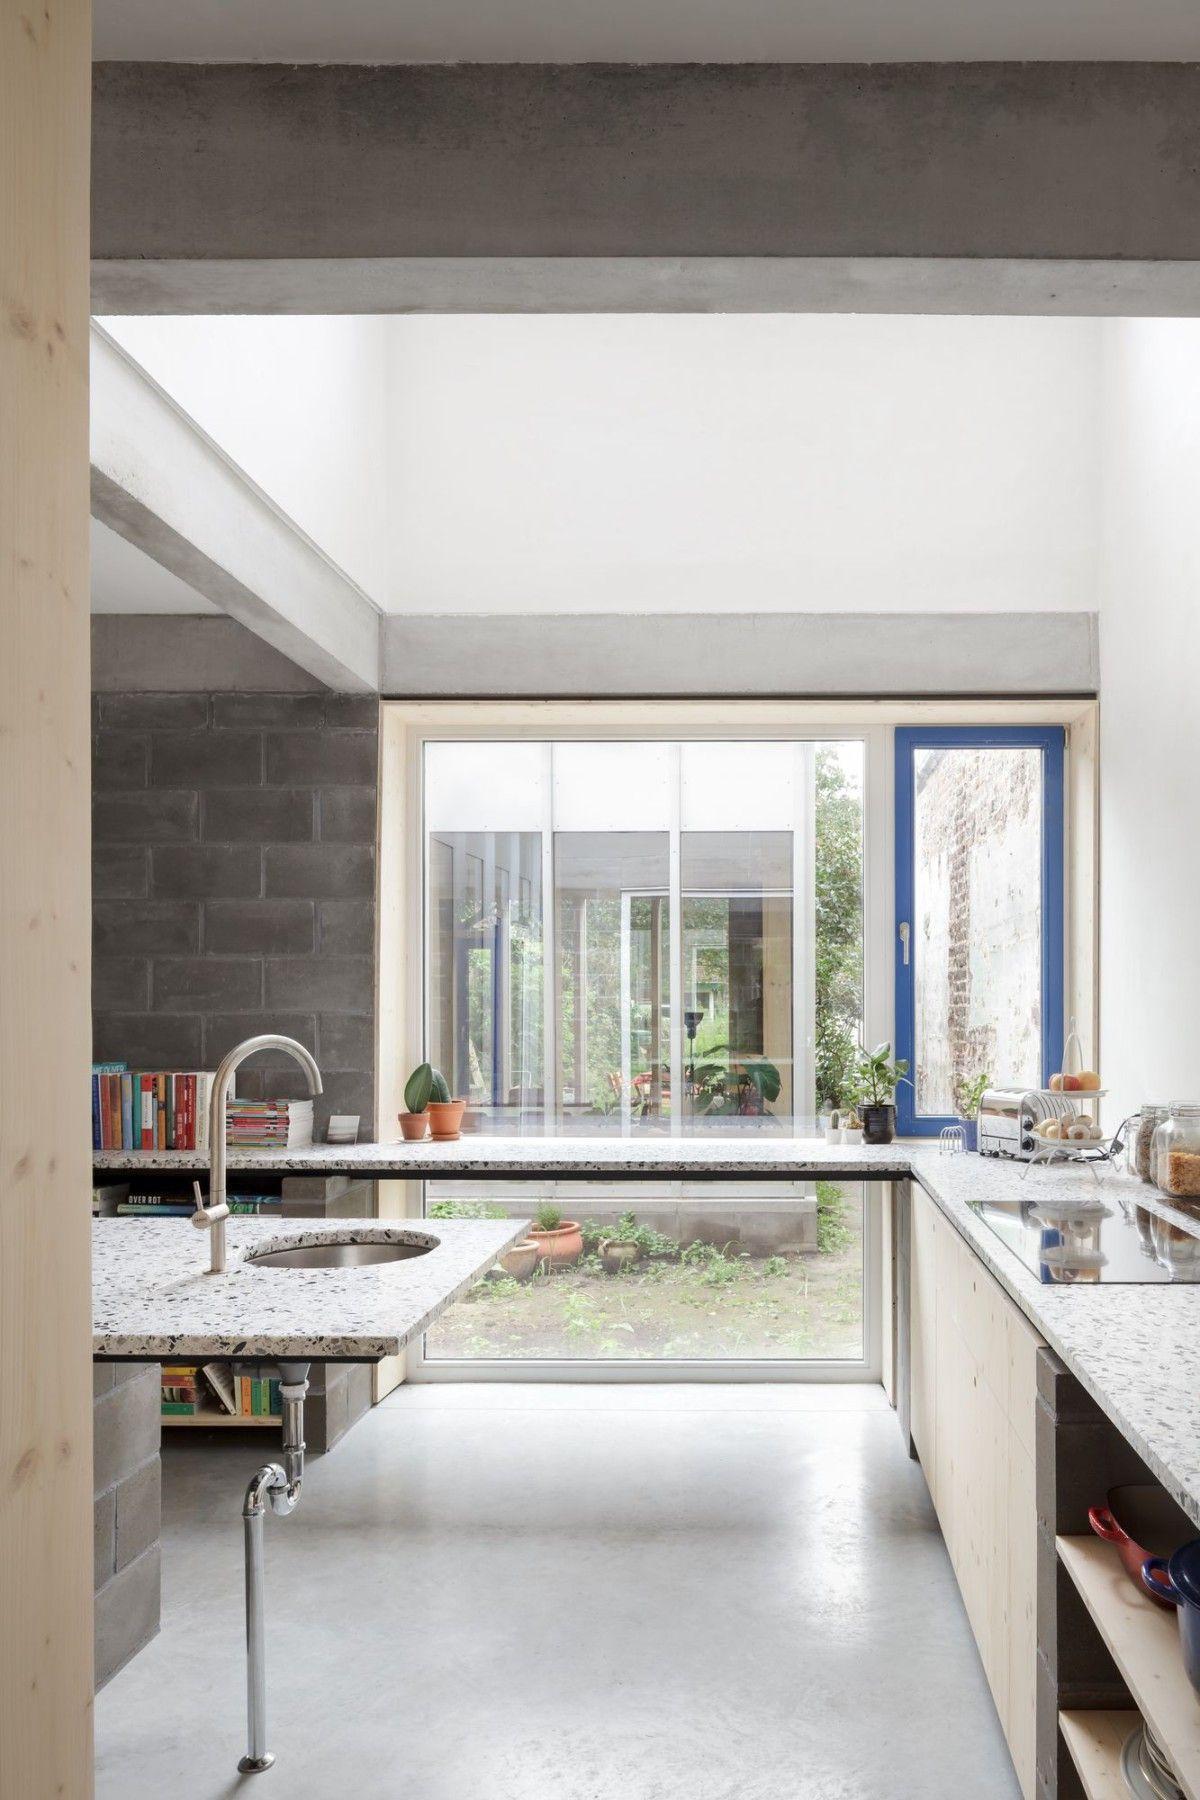 Wolterslaan row house ghent also raamwerk interior in rh pinterest